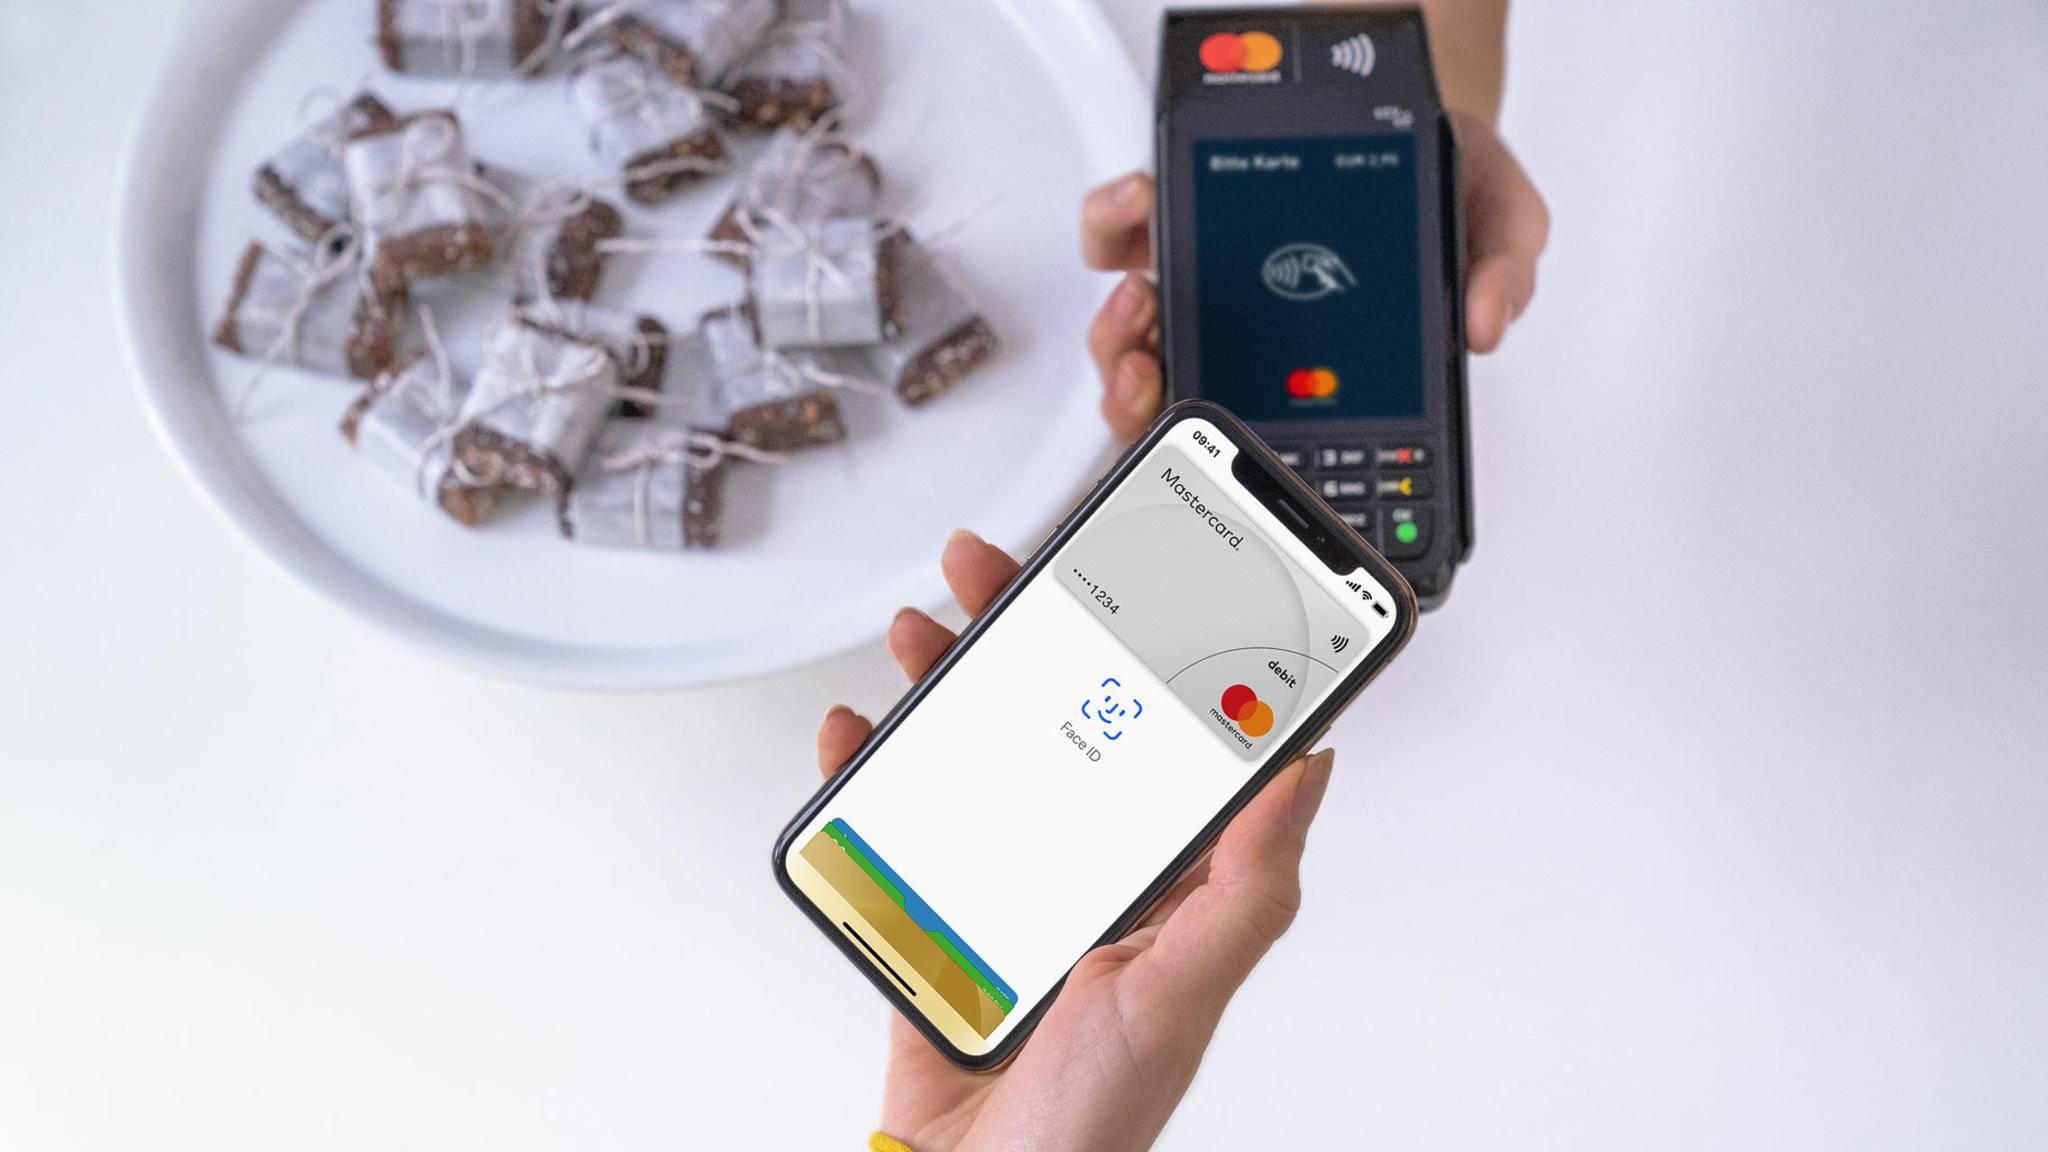 Die Volks- und Raiffeisenbanken führen Gespräche mit Apple über die Einführung von Apple Pay.